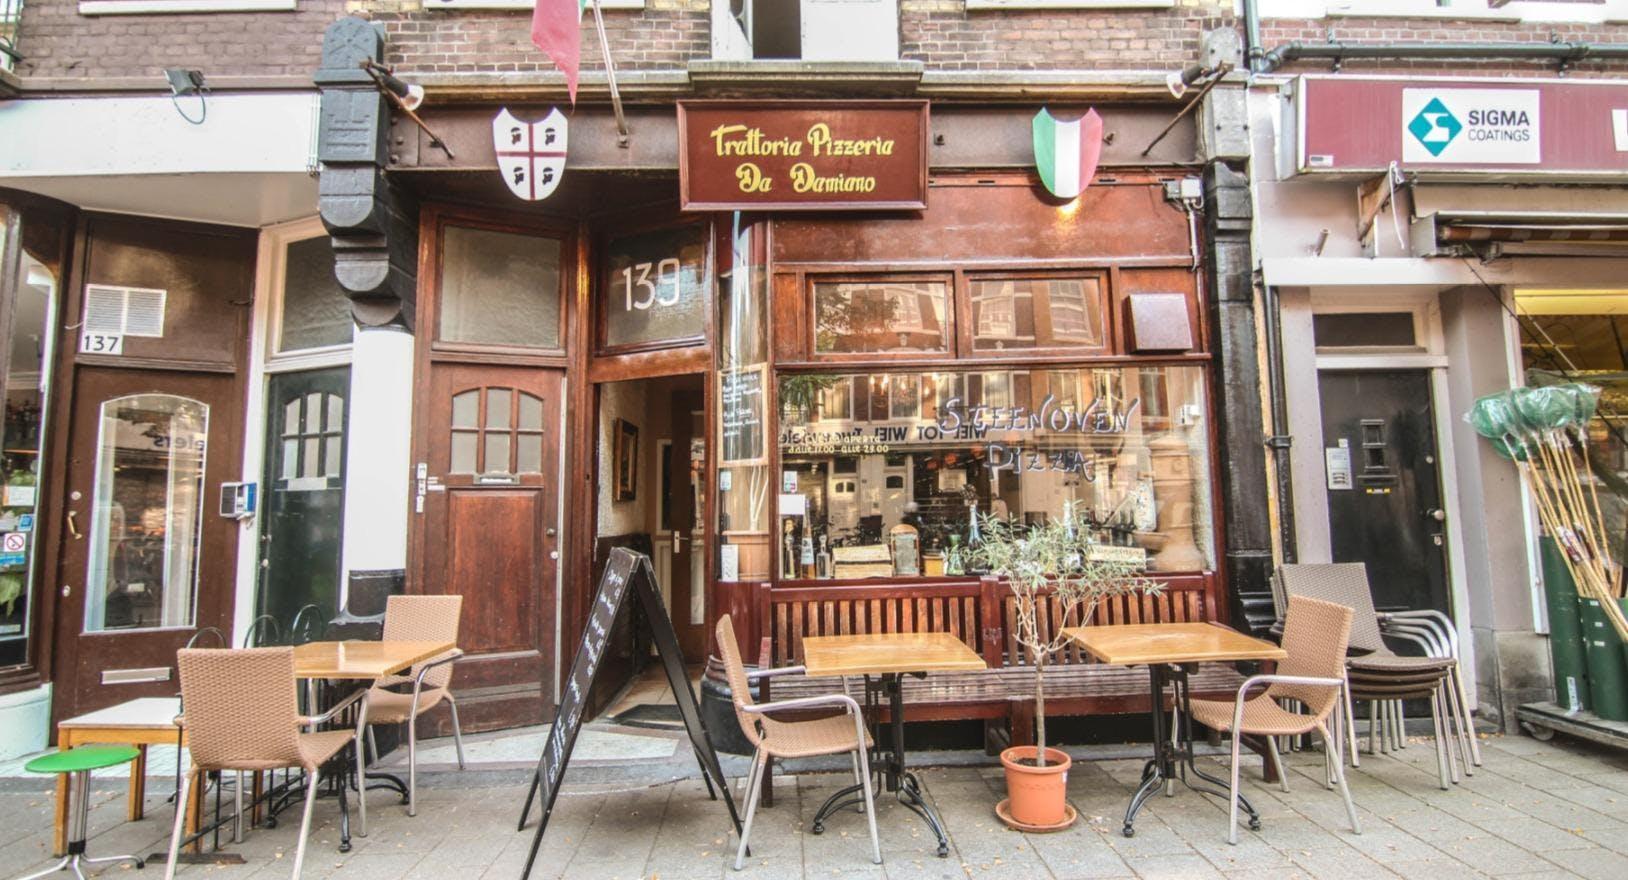 Trattoria Pizzeria Da Damiano Amsterdam image 2